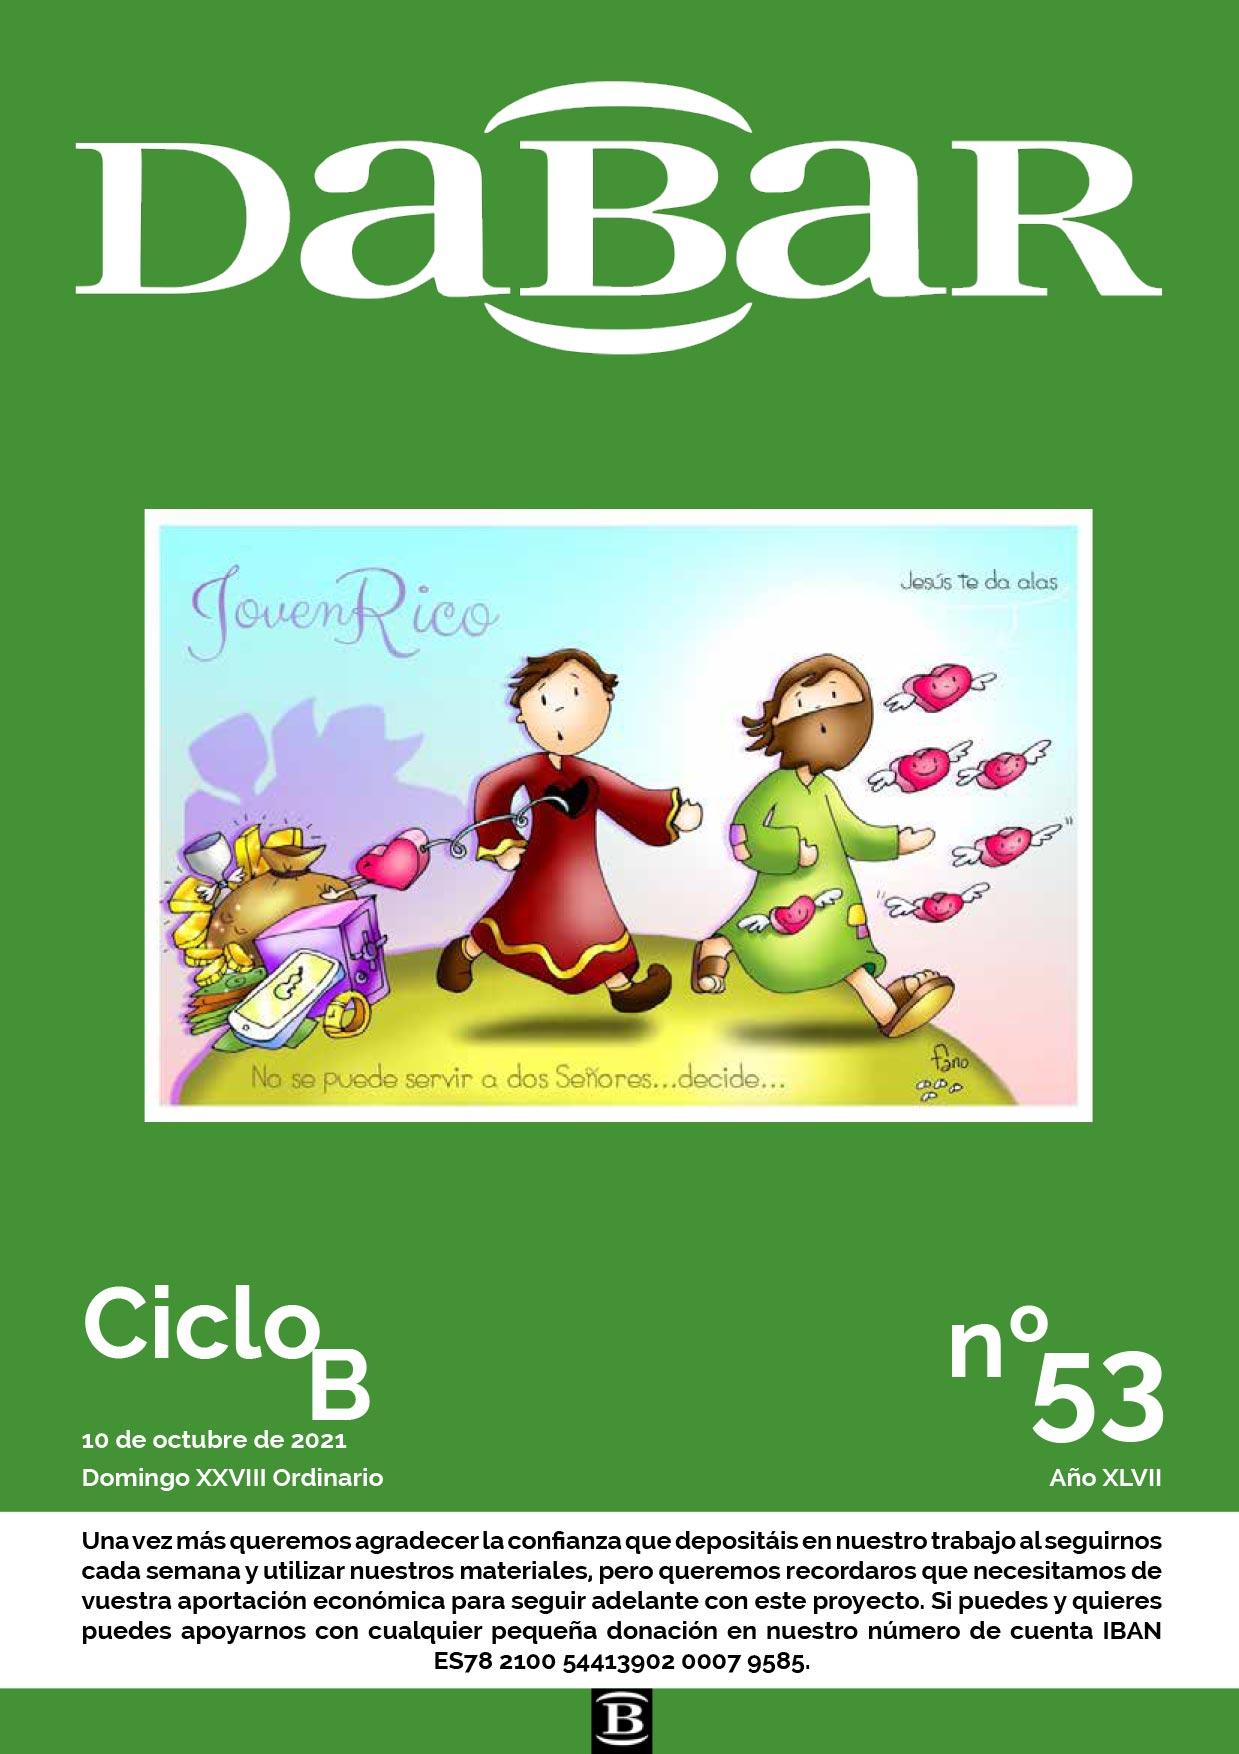 Dabar Revista numero 53 ciclo B